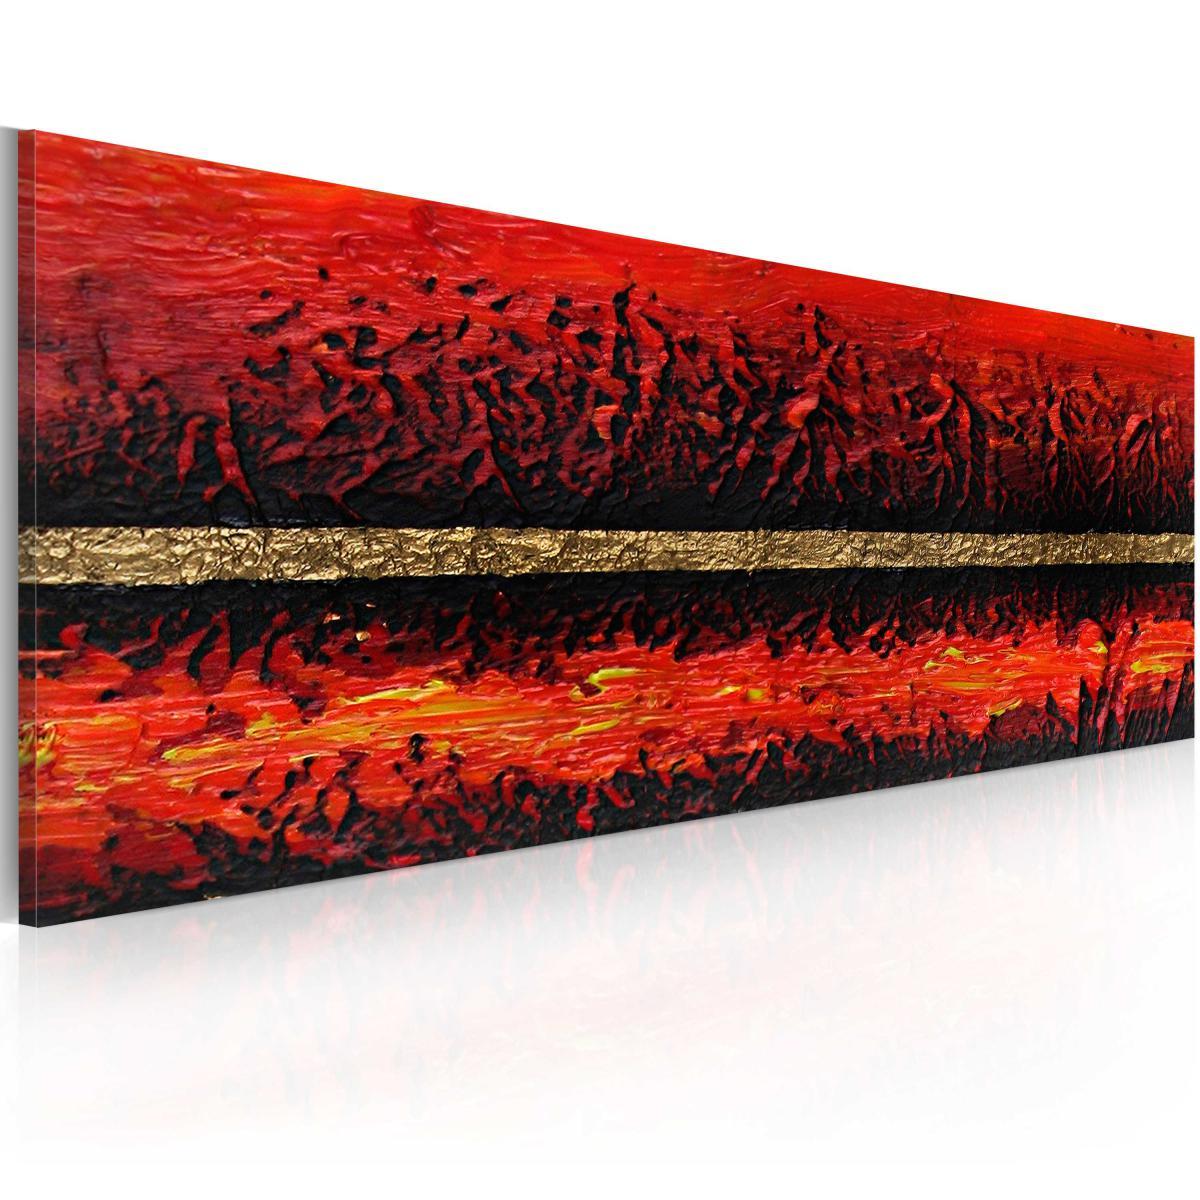 Bimago Tableau peint à la main | Eruption volcanique | 100x40 | |